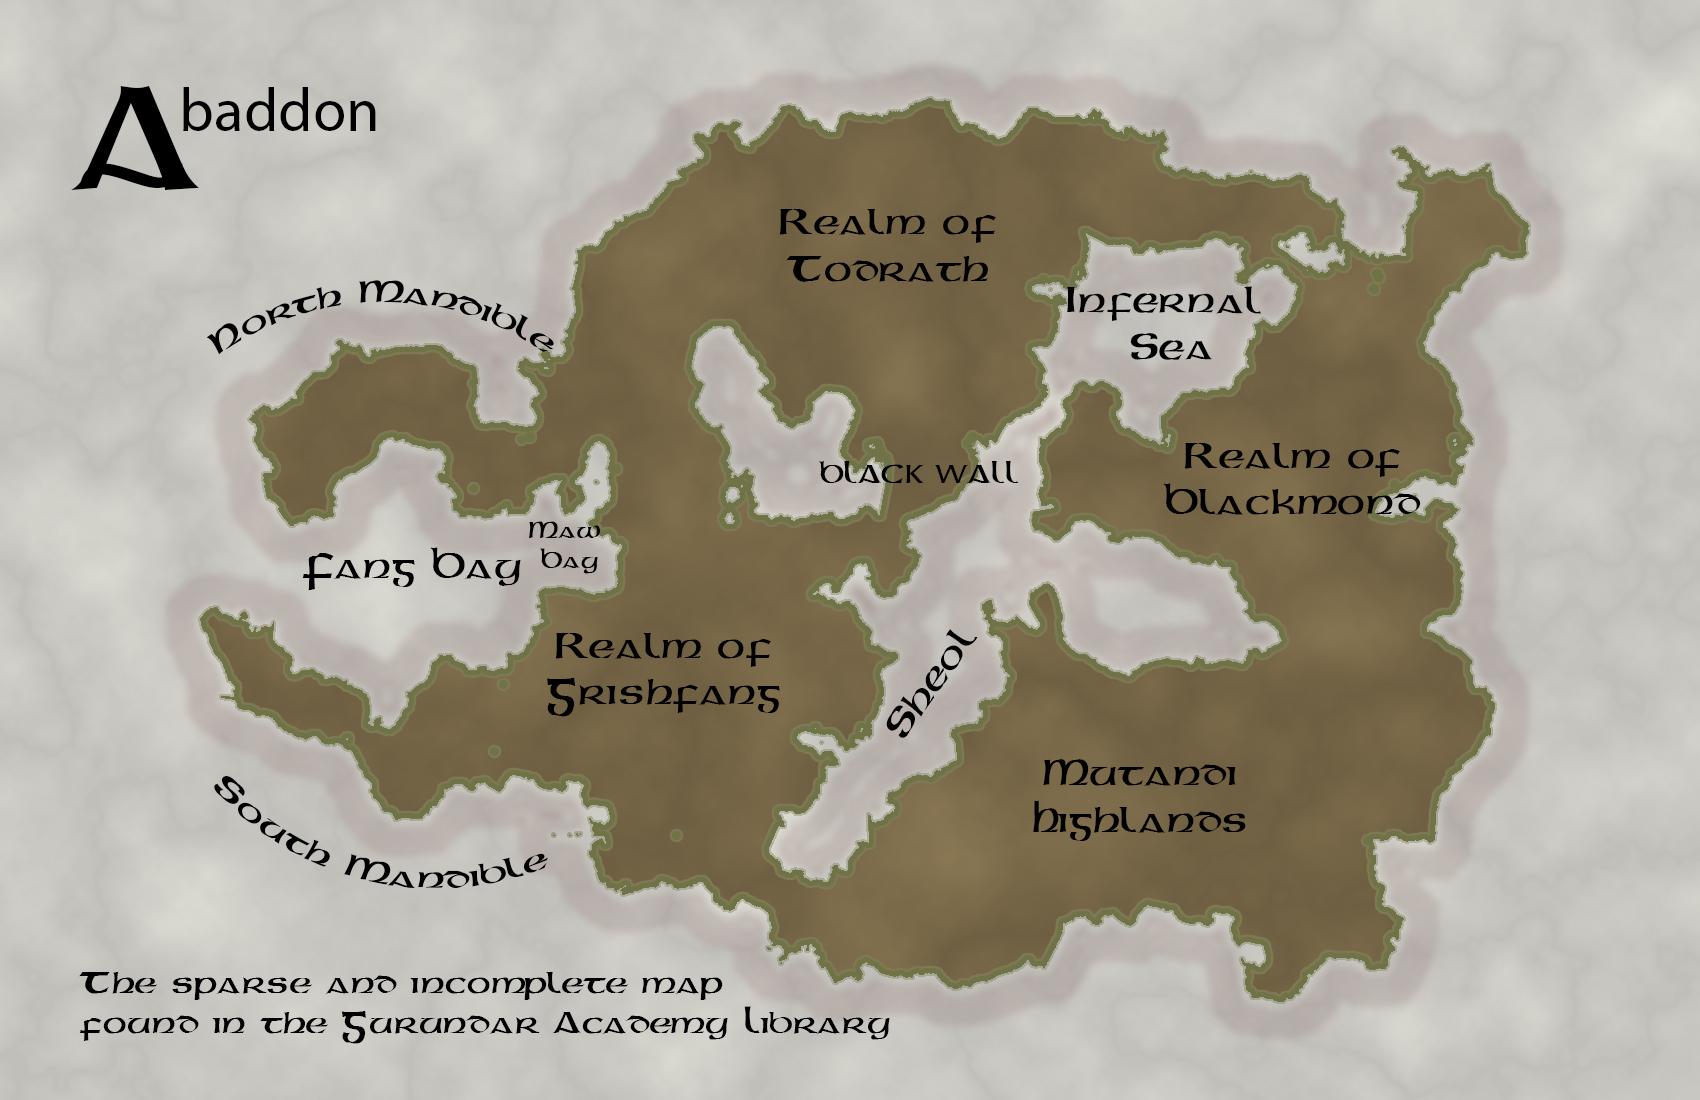 Abaddon_Large Map v2-01